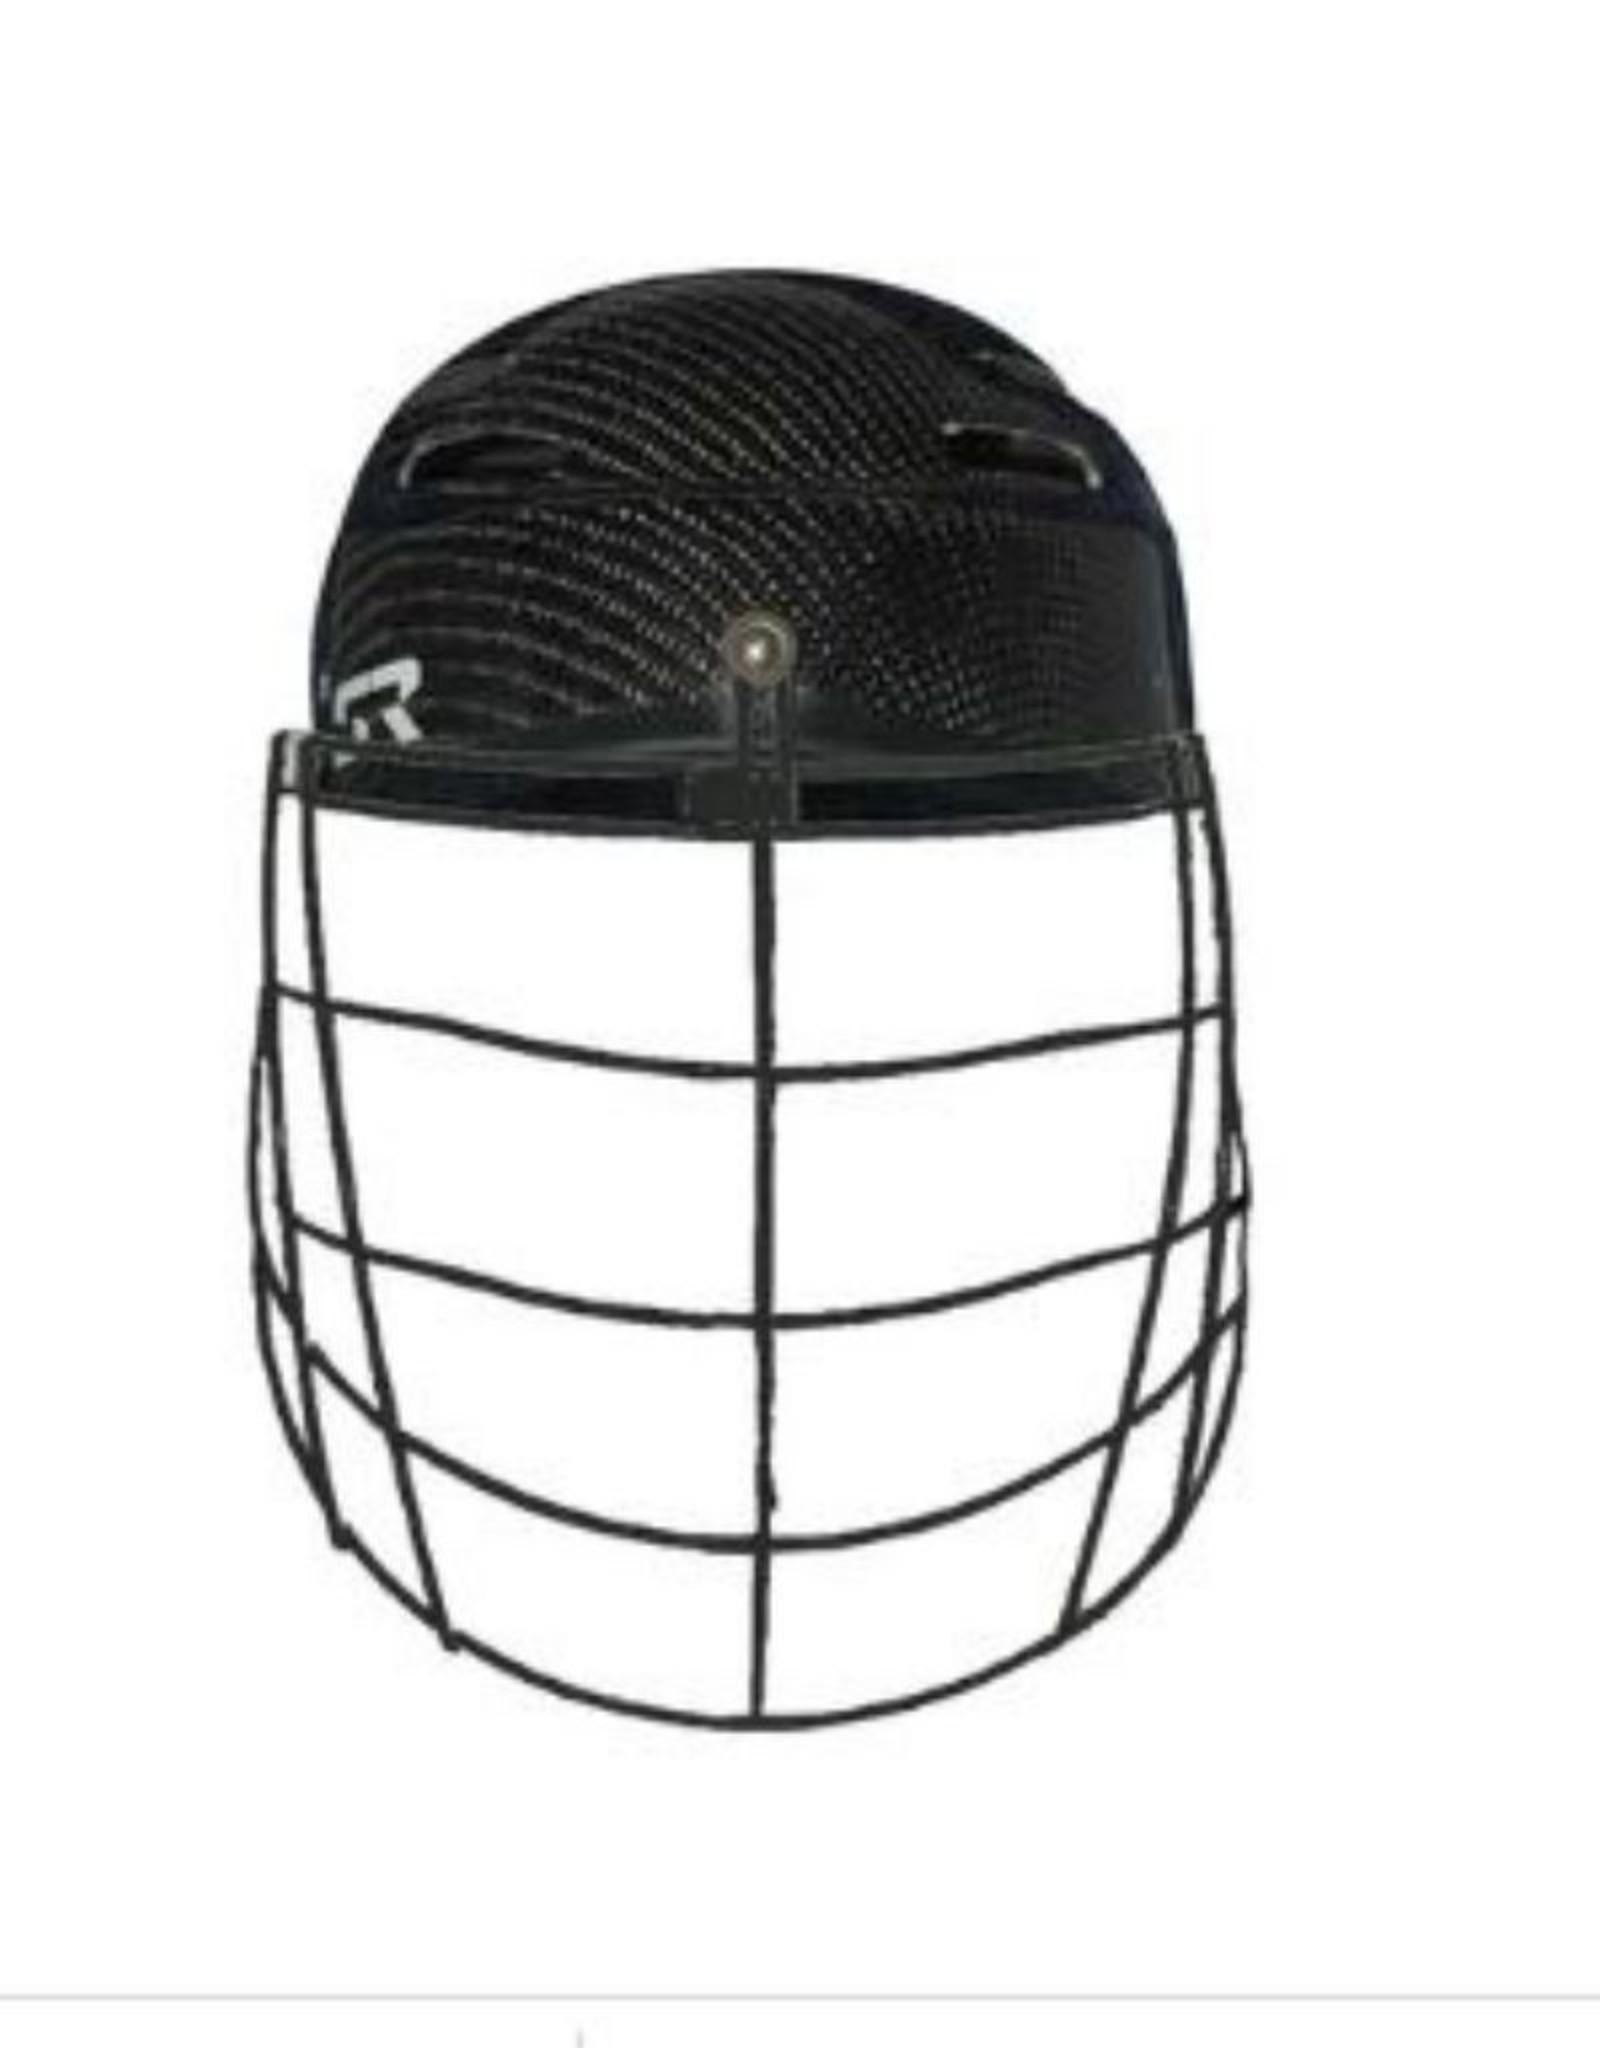 Shred Ready Shred Ready Polo Cage